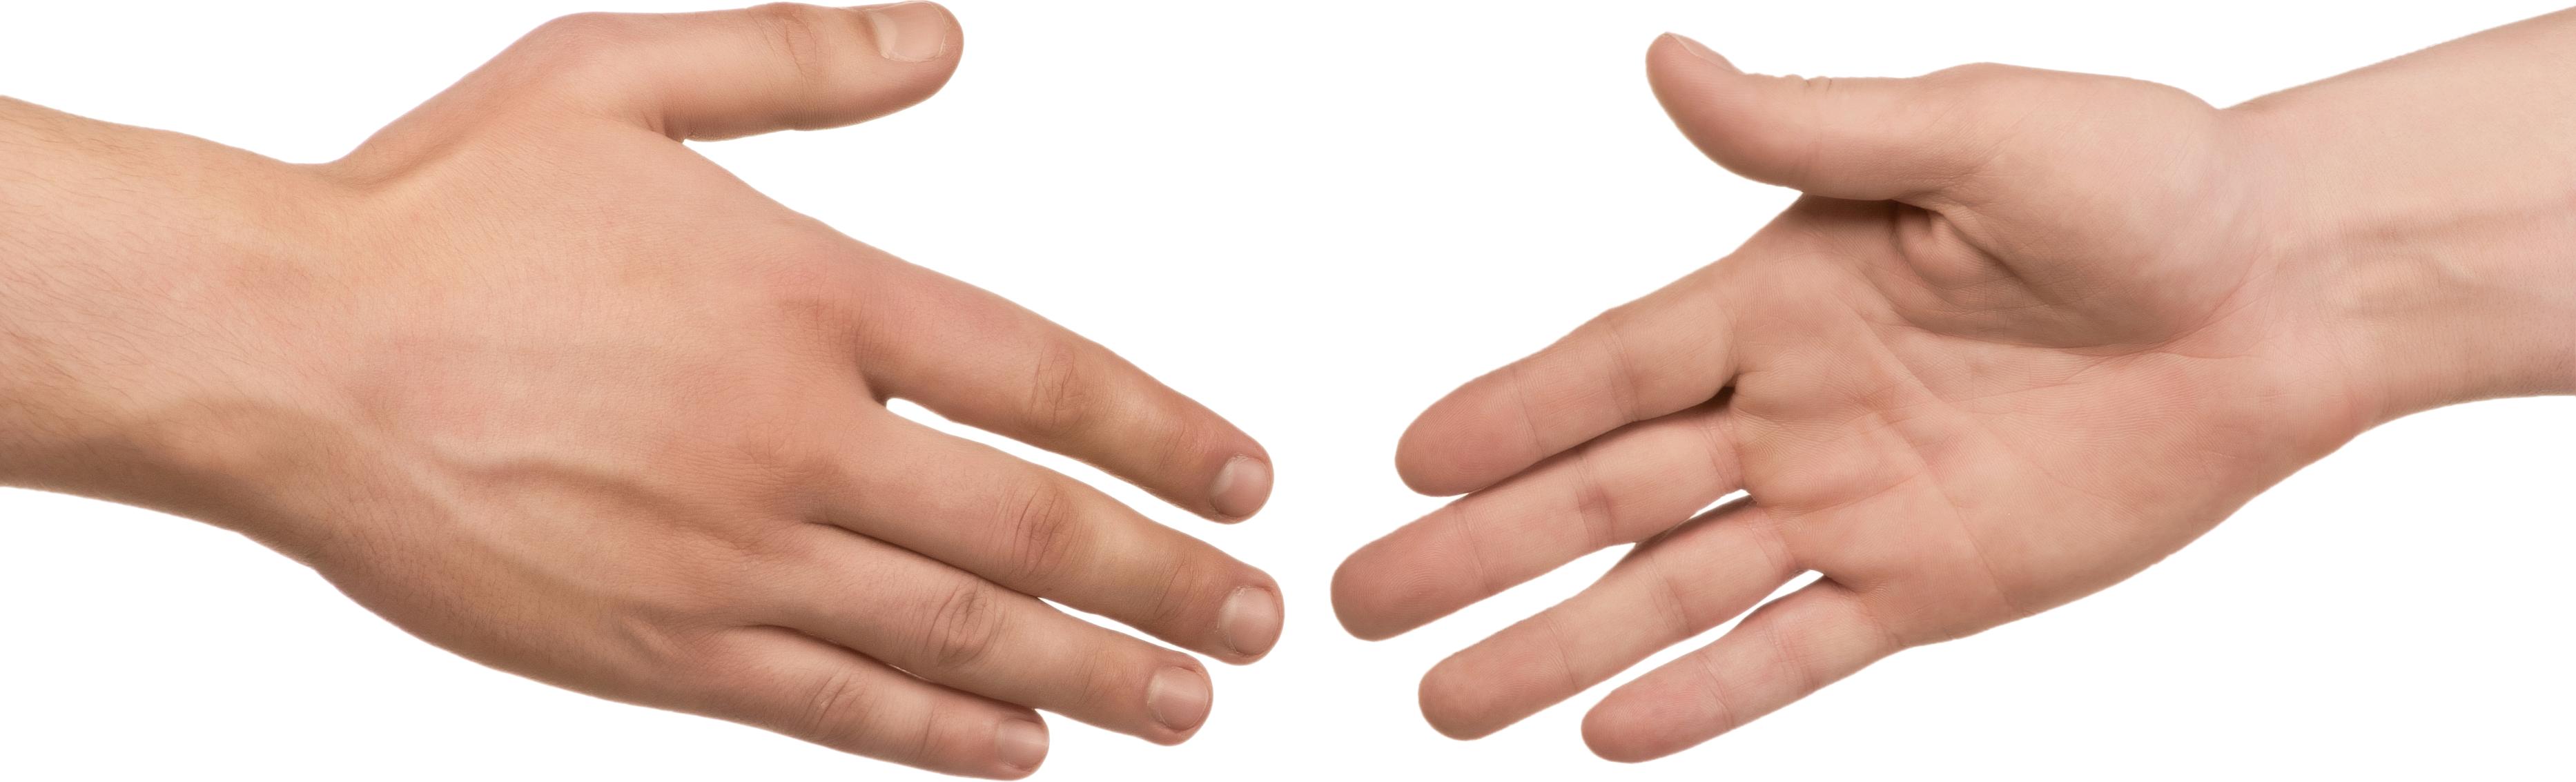 handshake PNG, hands image, f